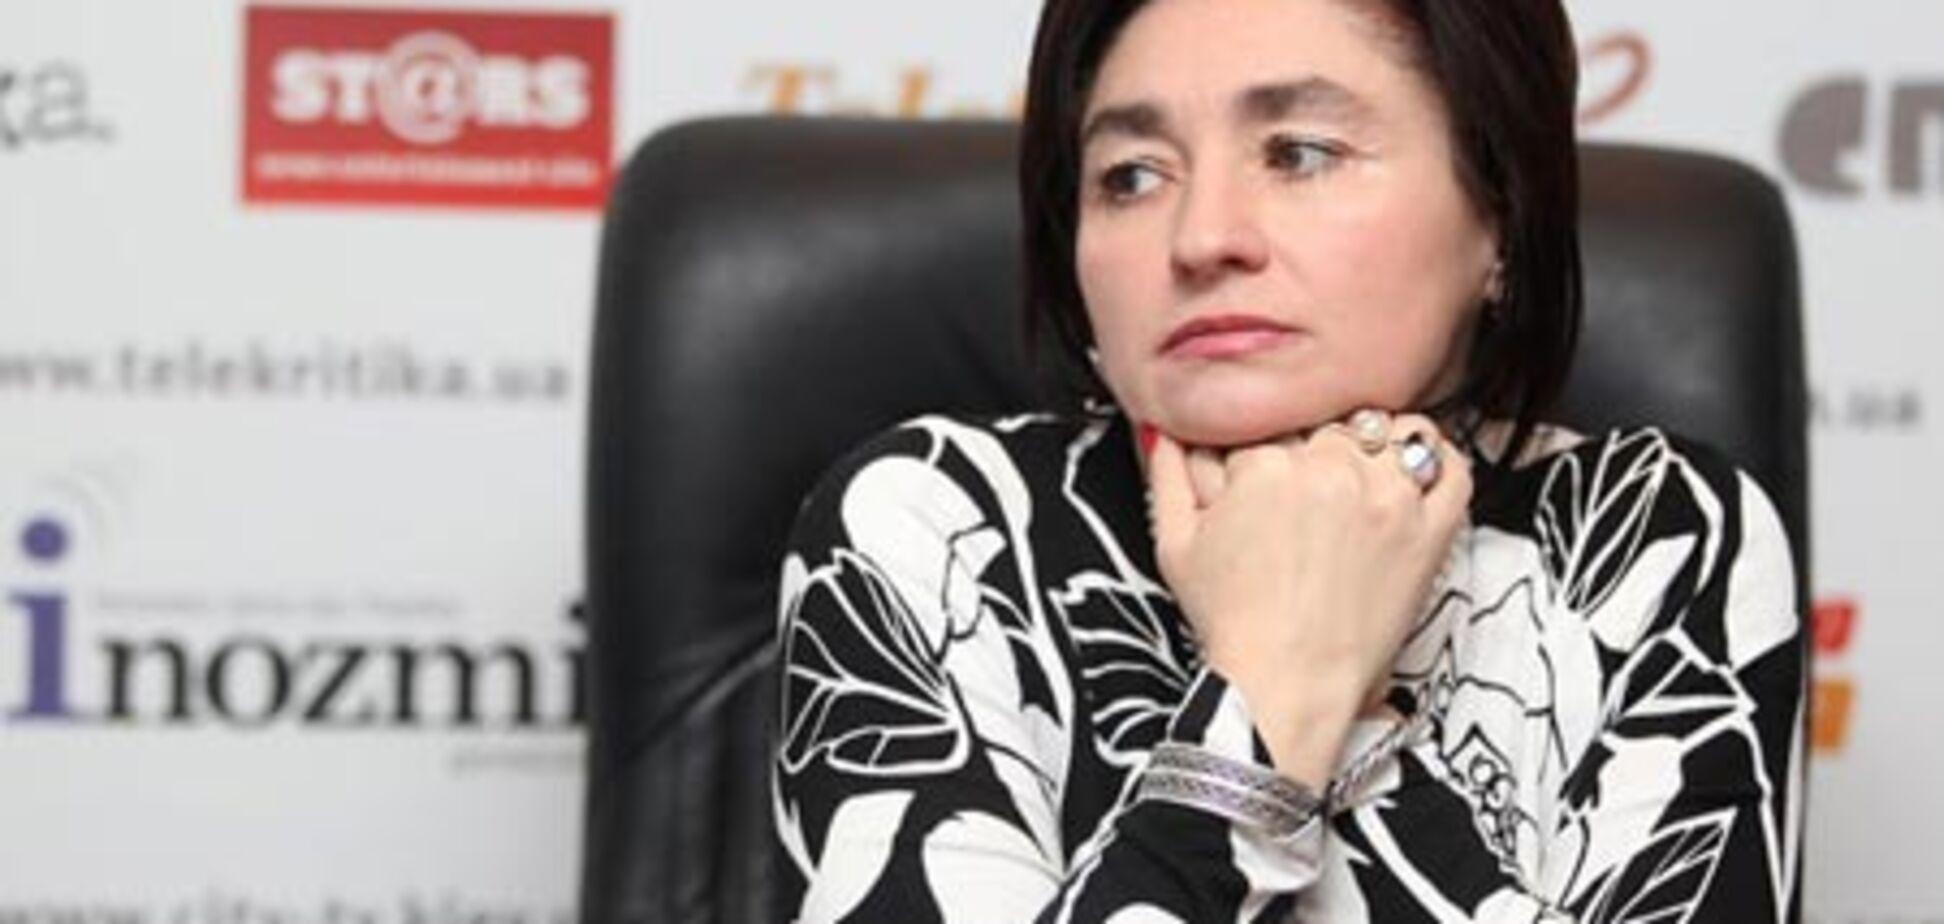 Відома письменниця заявляє про політичне переслідування